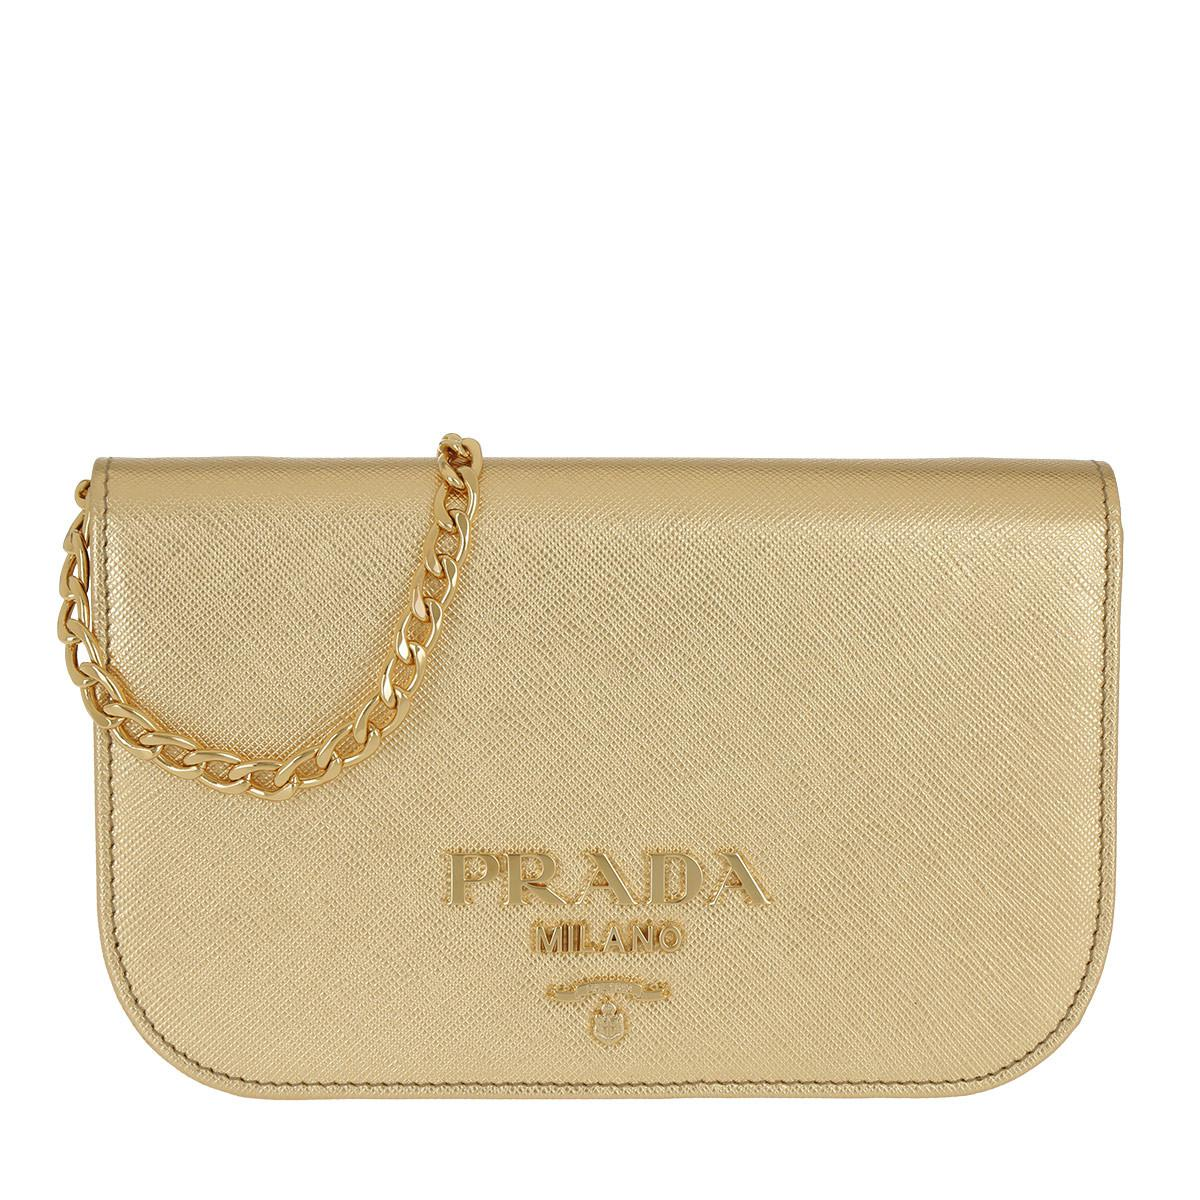 41fe9ac80e ... official store prada. womens metallic saffiano lux crossbody bag calf  leather gold 46102 10e50